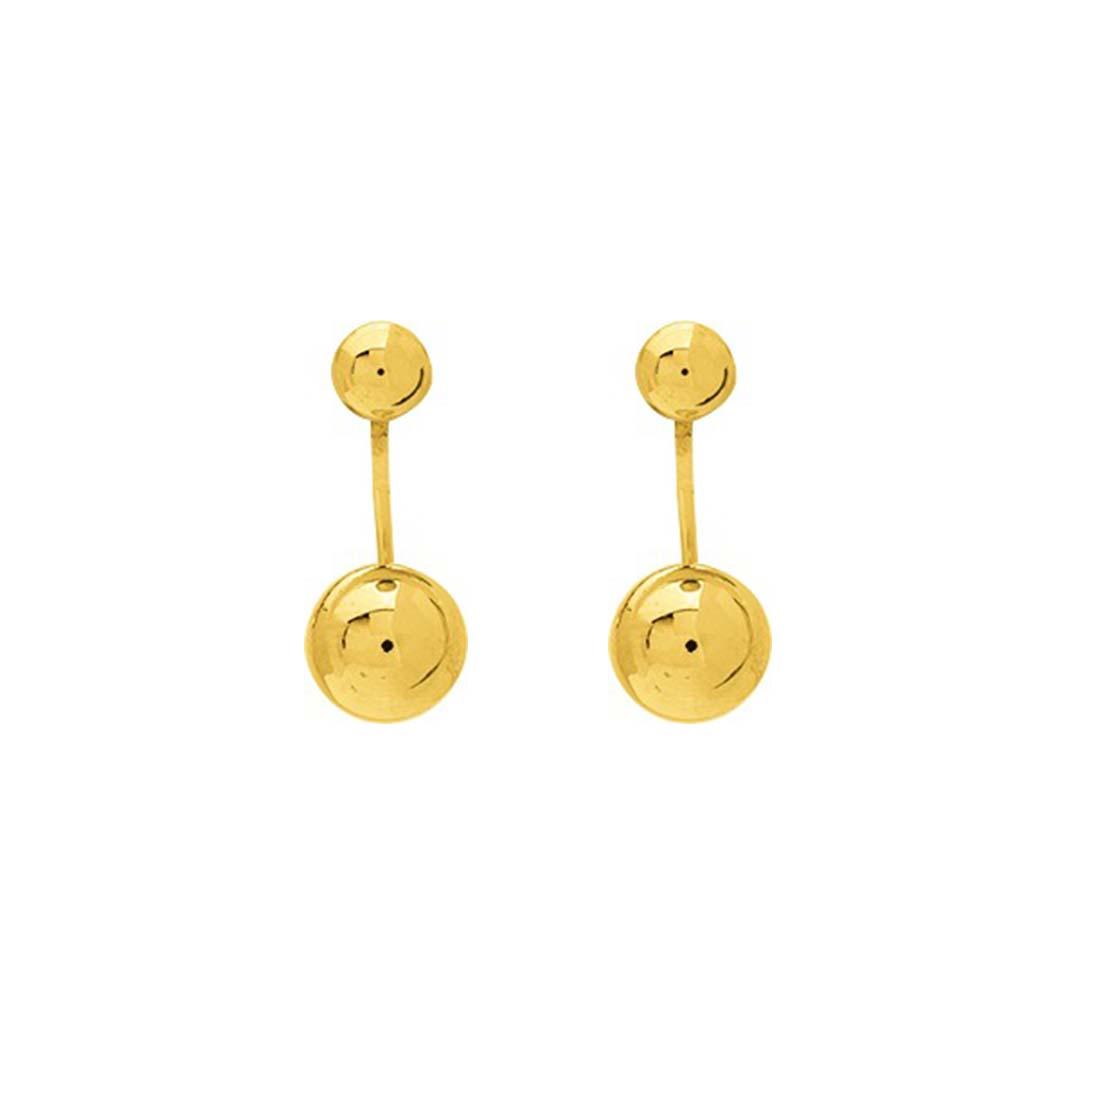 boucles d'oreilles double boules en or jaune 18k